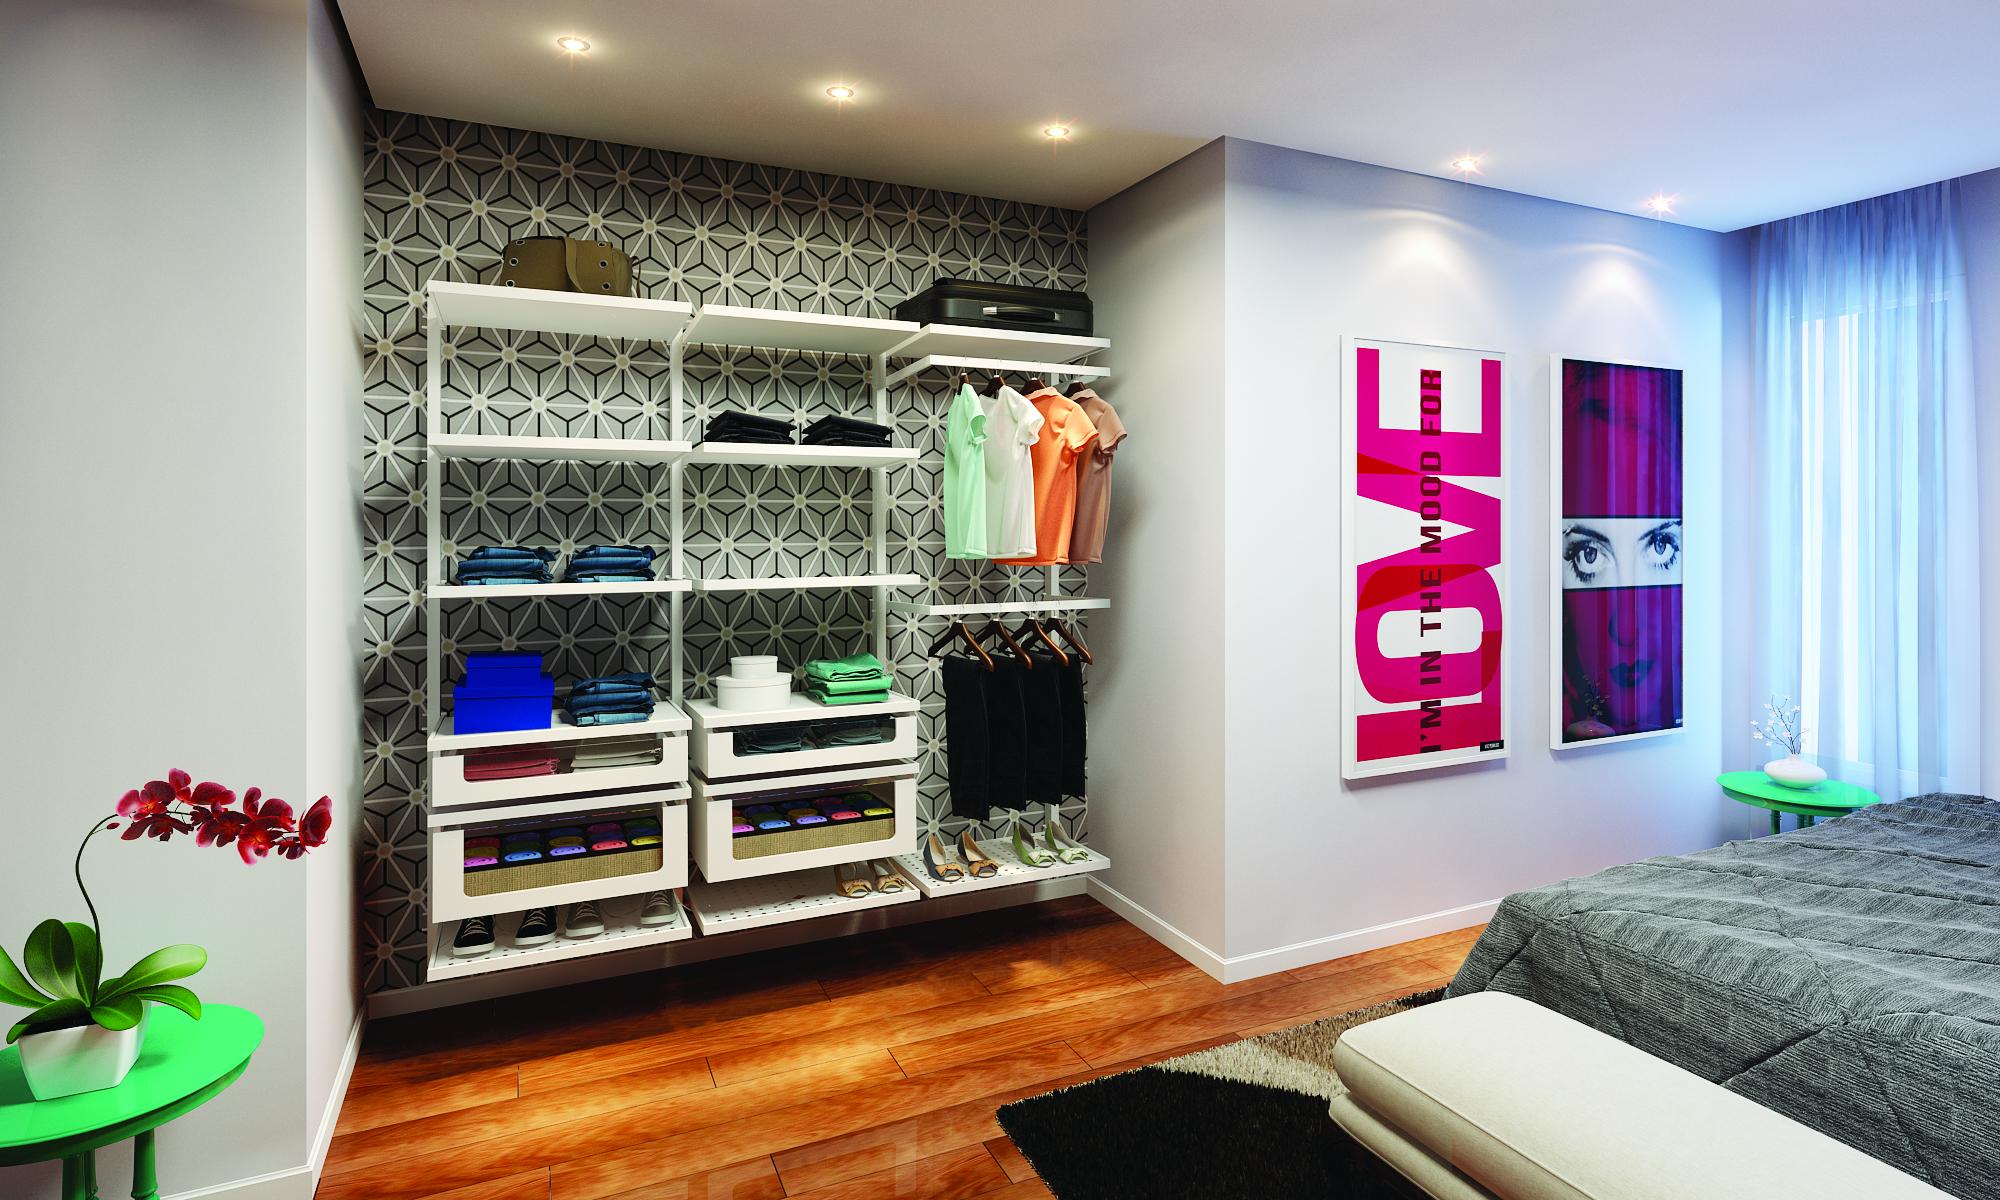 Fotos De Closets Inspire Se Leroy Merlin ~ Decoração Quarto Casal Com Closet